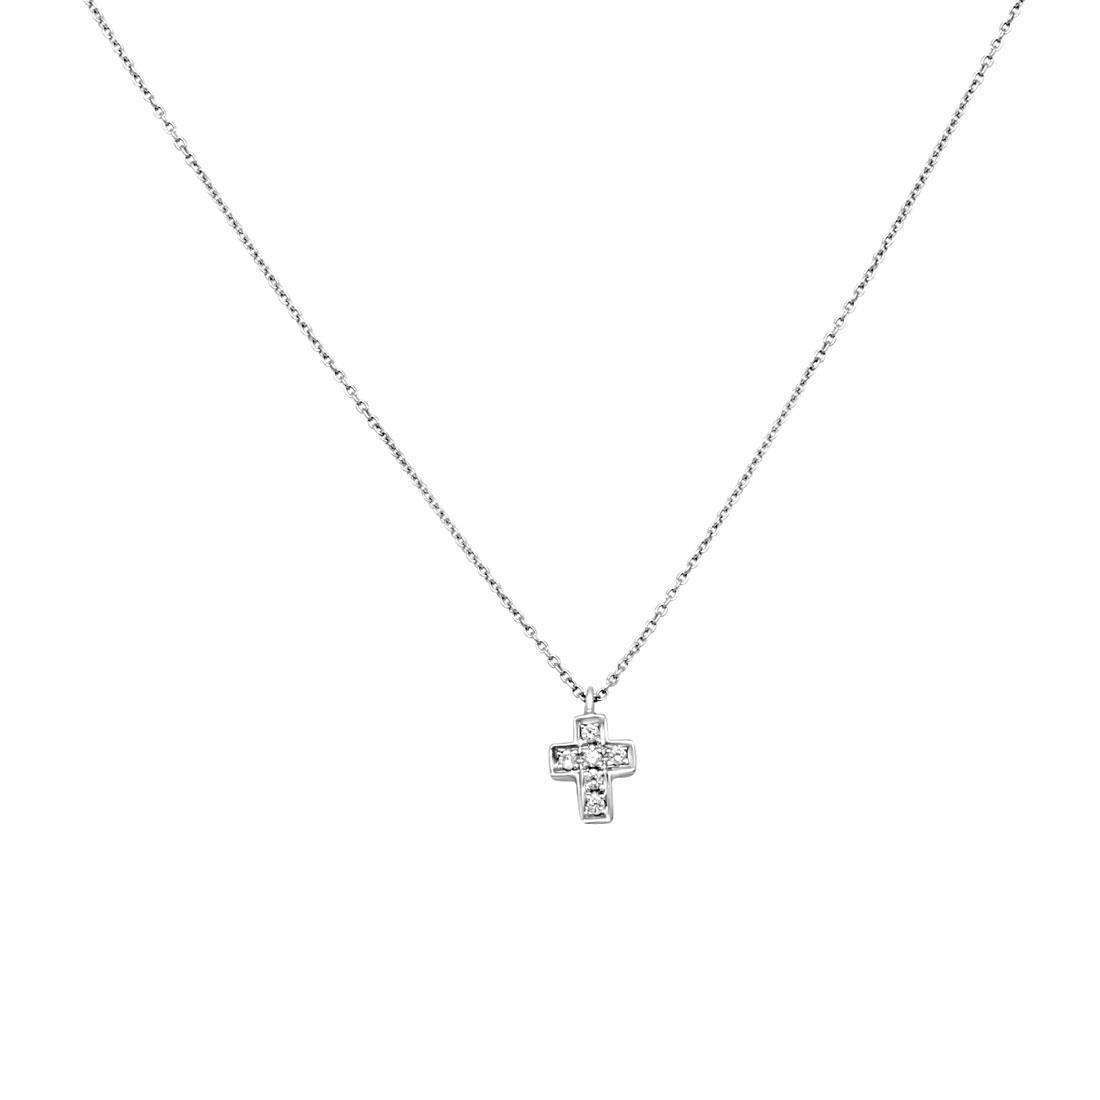 Collana in oro bianco con pendente croce e diamanti ct 0.03, lunghezza 21,5cm - ORO&CO